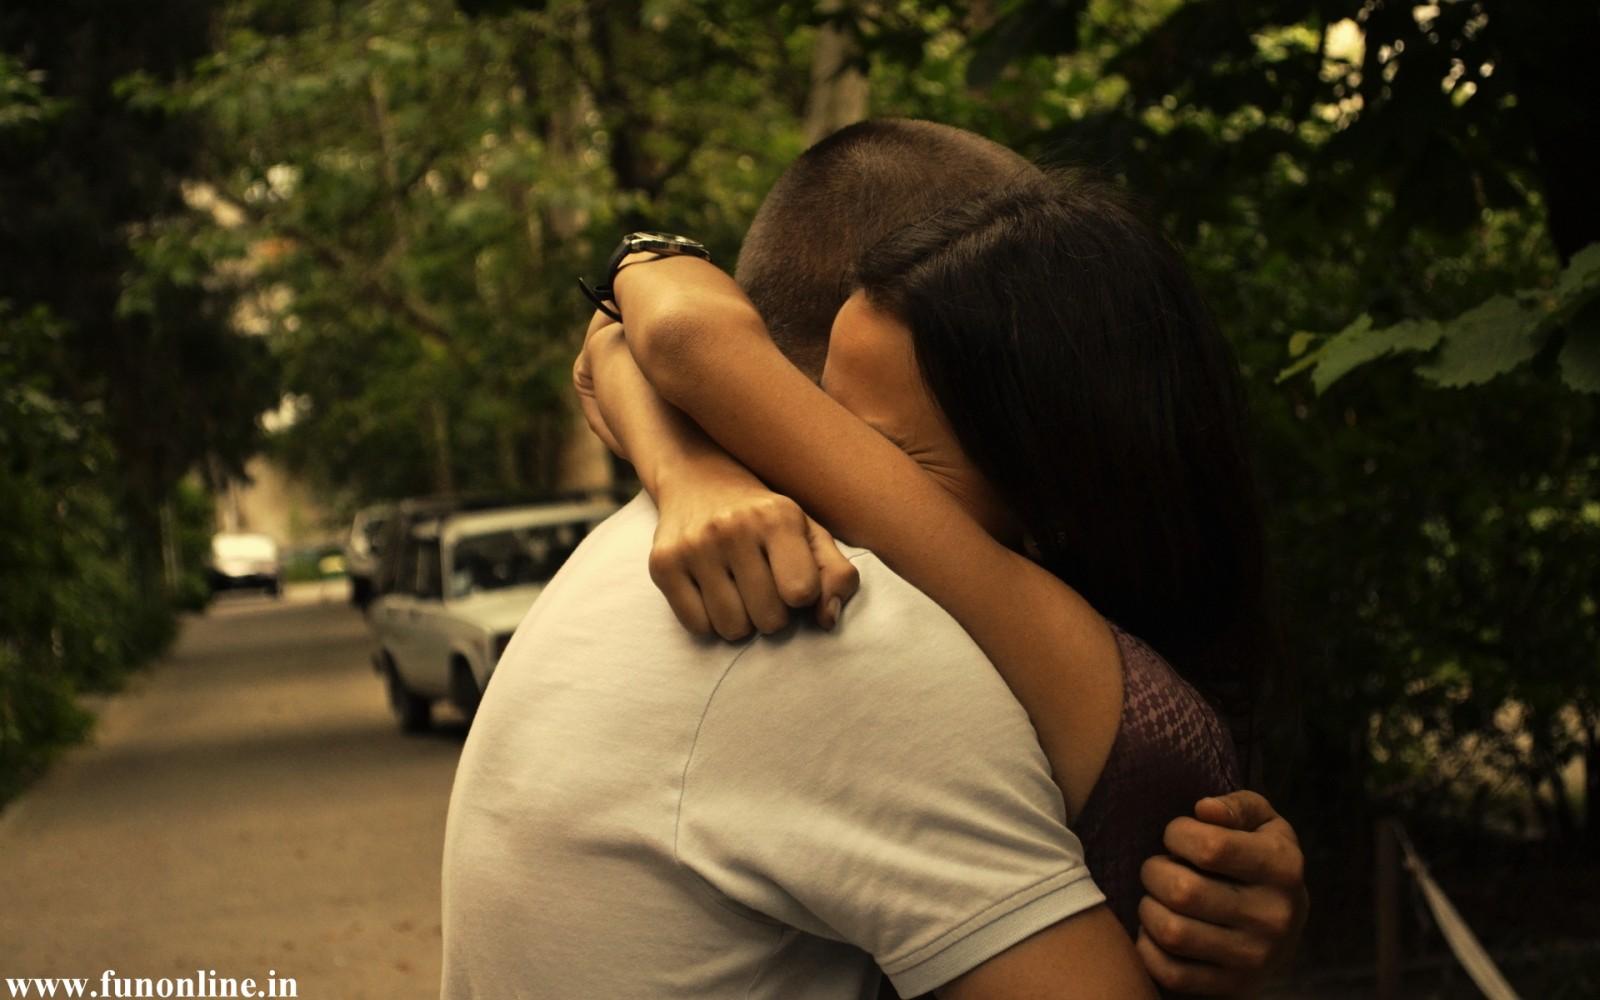 http://3.bp.blogspot.com/-sa4FEW2iJqE/UCPXvuwPANI/AAAAAAAAA_s/mCo9WWeWiWI/s1600/Cute-Couple-having-tight-Hug-e1337602758225.jpg